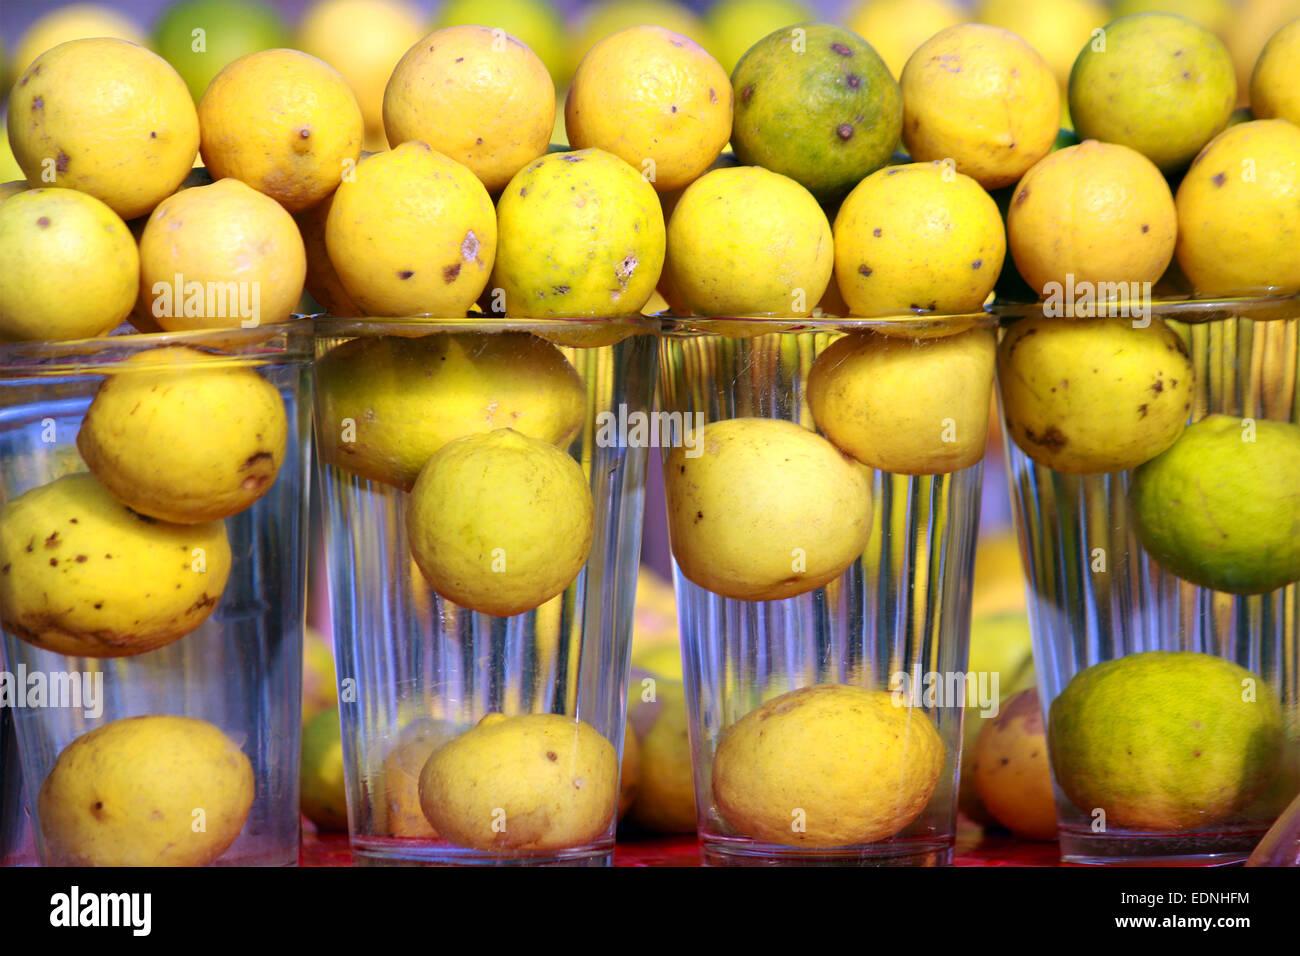 Karaffe, Zitrusfrüchte, Kälte, Würfel, Getränke, Getränk, frische, Obst, Garten, Glas, Stockbild